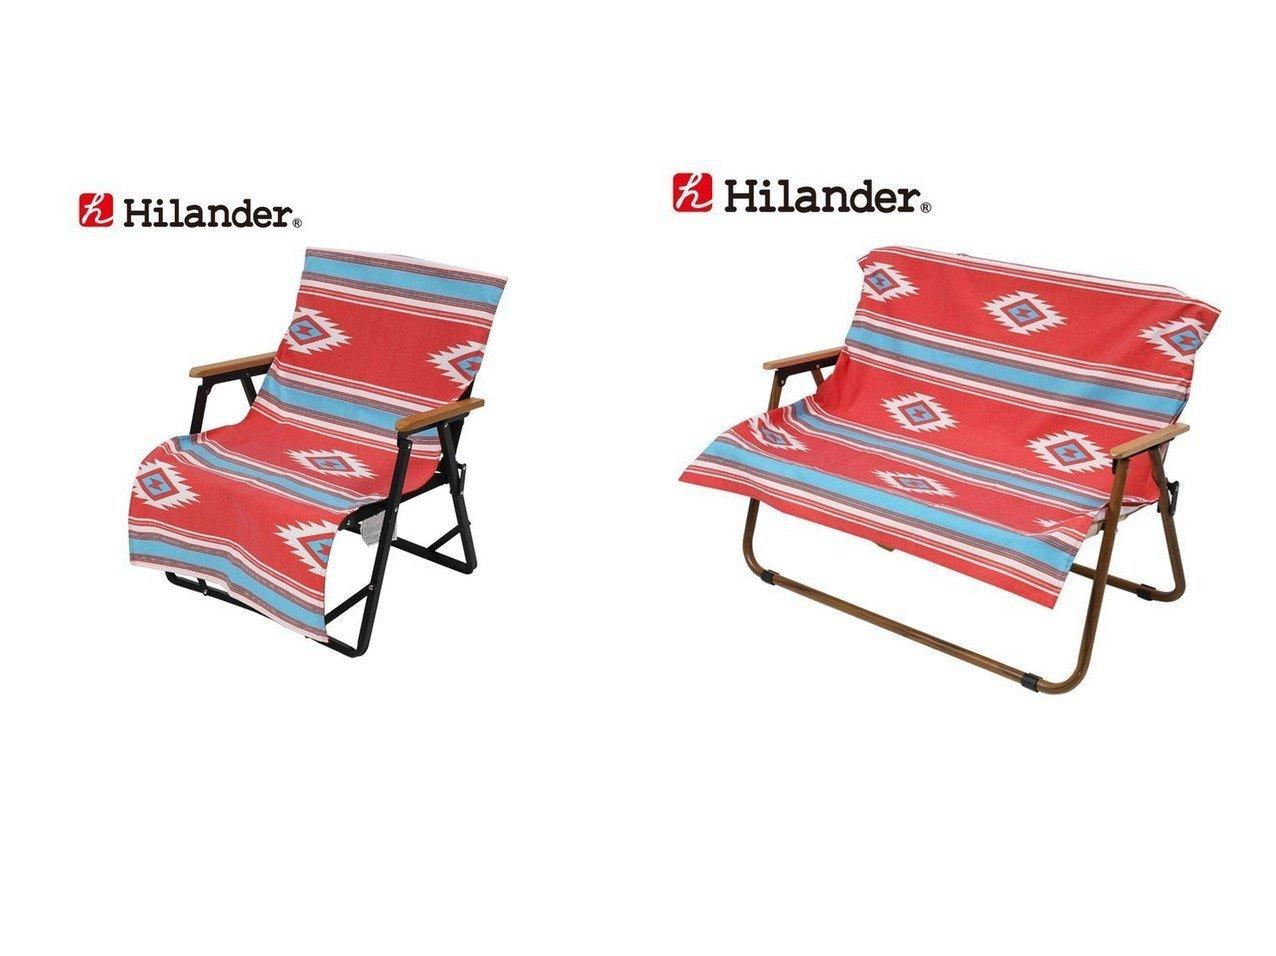 【Hilander/ハイランダー】の2人掛けベンチ用 ポリコットンカバー&ローチェア用 ポリコットンカバー 【アウトドアチェア】おすすめ!人気キャンプ・アウトドア用品の通販 おすすめで人気の流行・トレンド、ファッションの通販商品 インテリア・家具・メンズファッション・キッズファッション・レディースファッション・服の通販 founy(ファニー) https://founy.com/ アウトドア アクセサリー スタンド テーブル ホーム・キャンプ・アウトドア Home,Garden,Outdoor,Camping Gear キャンプ用品・アウトドア  Camping Gear & Outdoor Supplies チェア テーブル Camp Chairs, Camping Tables  ID:crp329100000050196